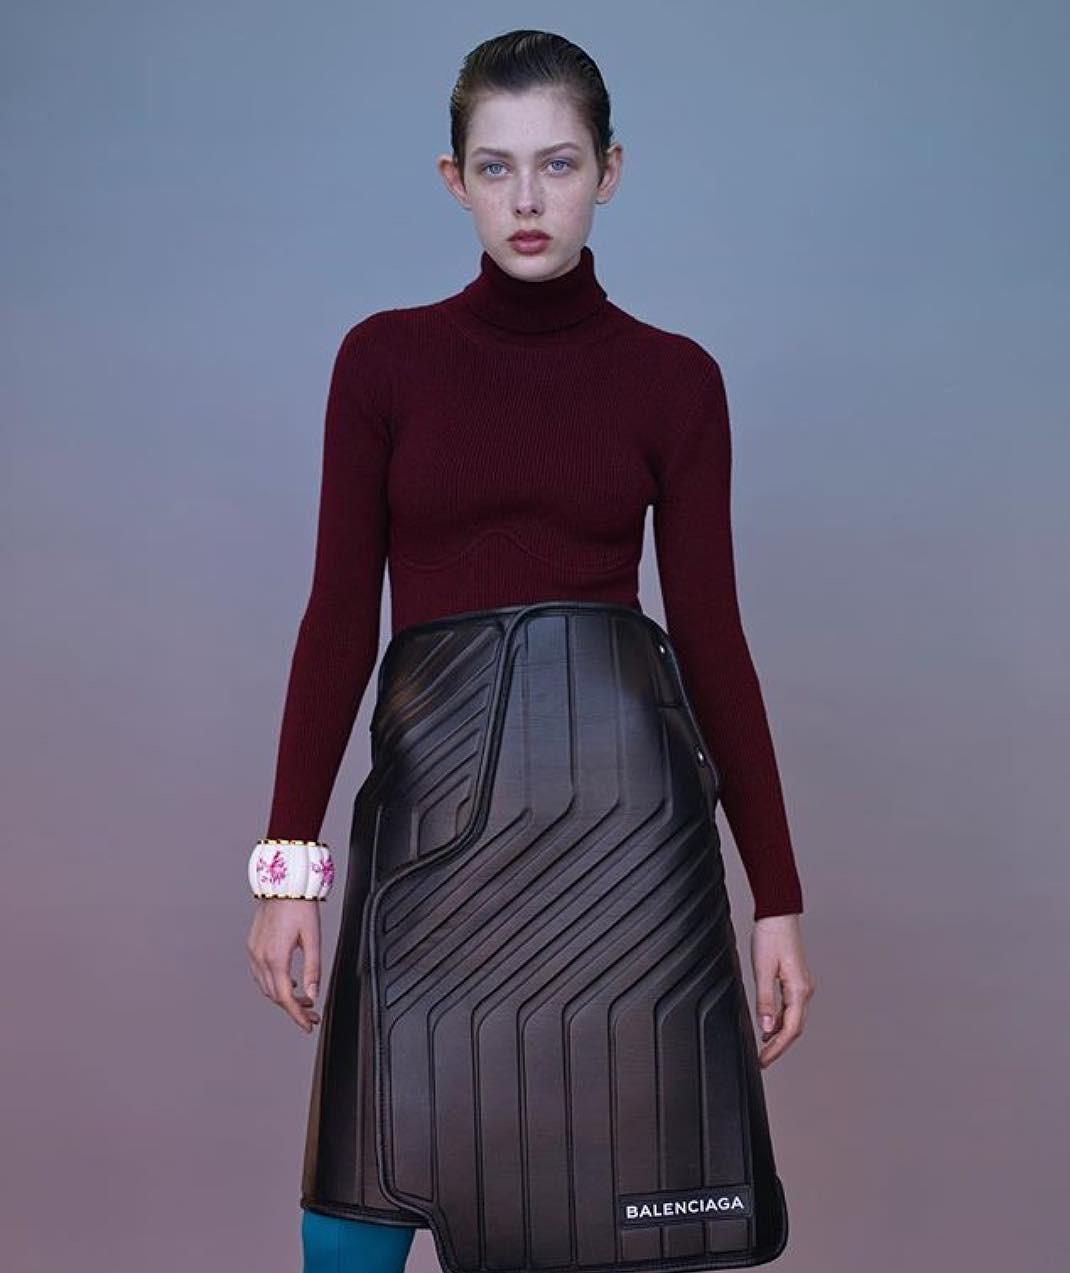 14 trang phục nhìn mà muốn cạn lời của hội thiết kế vừa làm vừa ngủ gật - Ảnh 7.